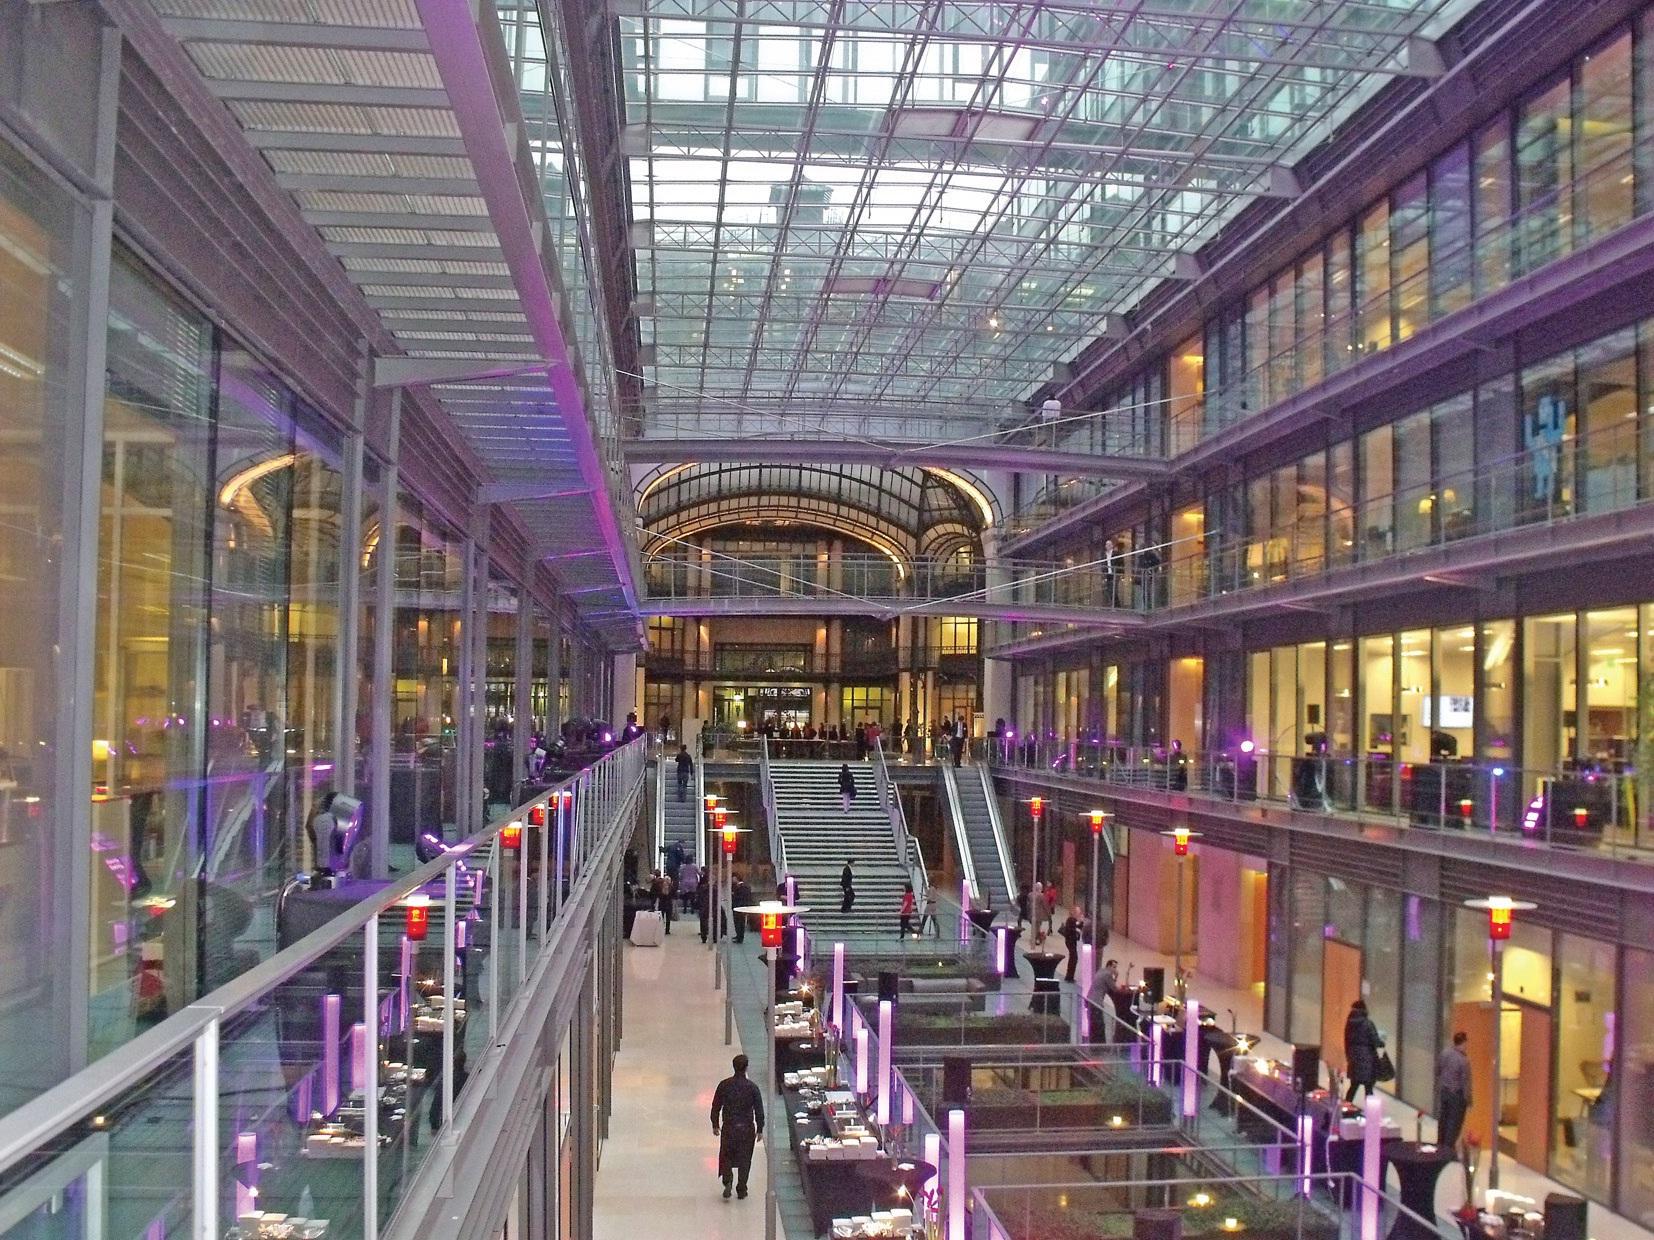 L'Edhec occupe le premier étage sur 1 500 m2, juste en dessous du journal Les Echos. Le Centorial abritait auparavant le Crédit Lyonnais. Après un incendie en 1996, l'ensemble a été réhabilité.